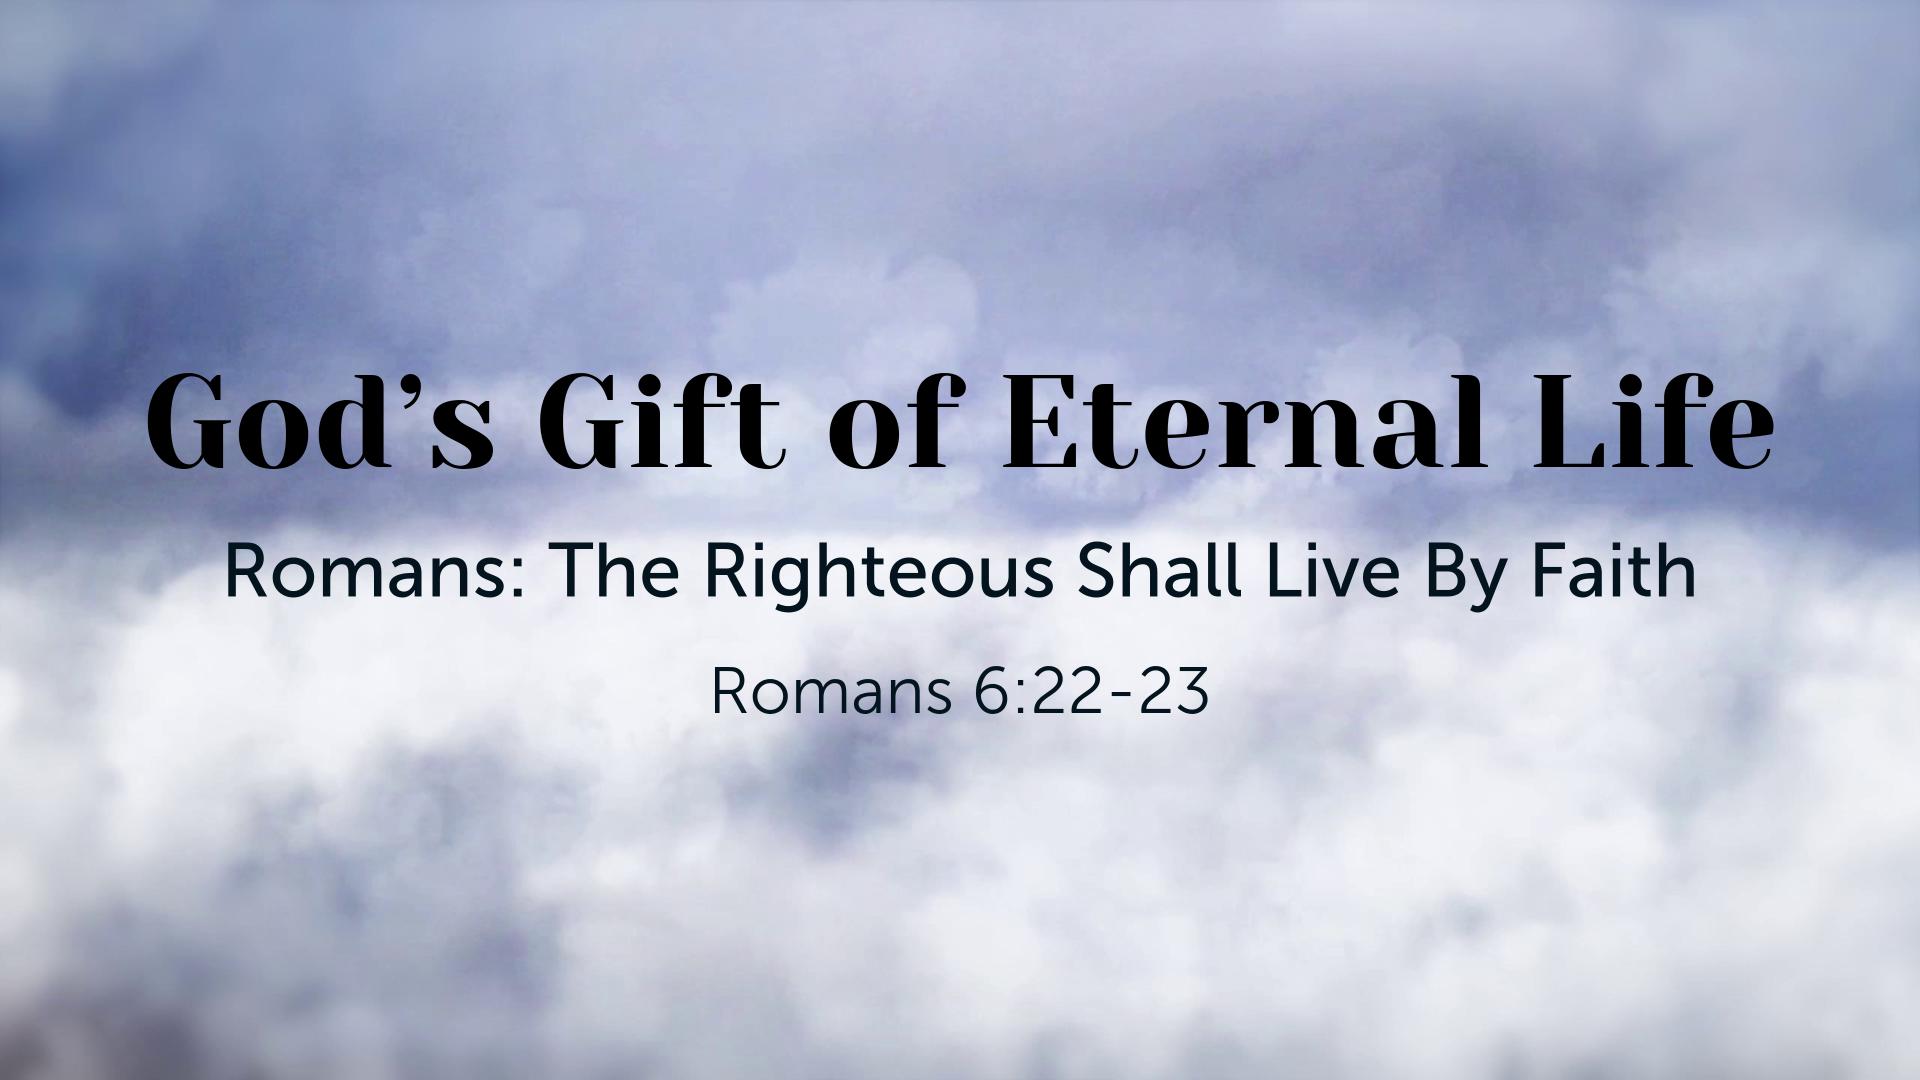 God's Gift of Eternal Life - Faithlife Sermons